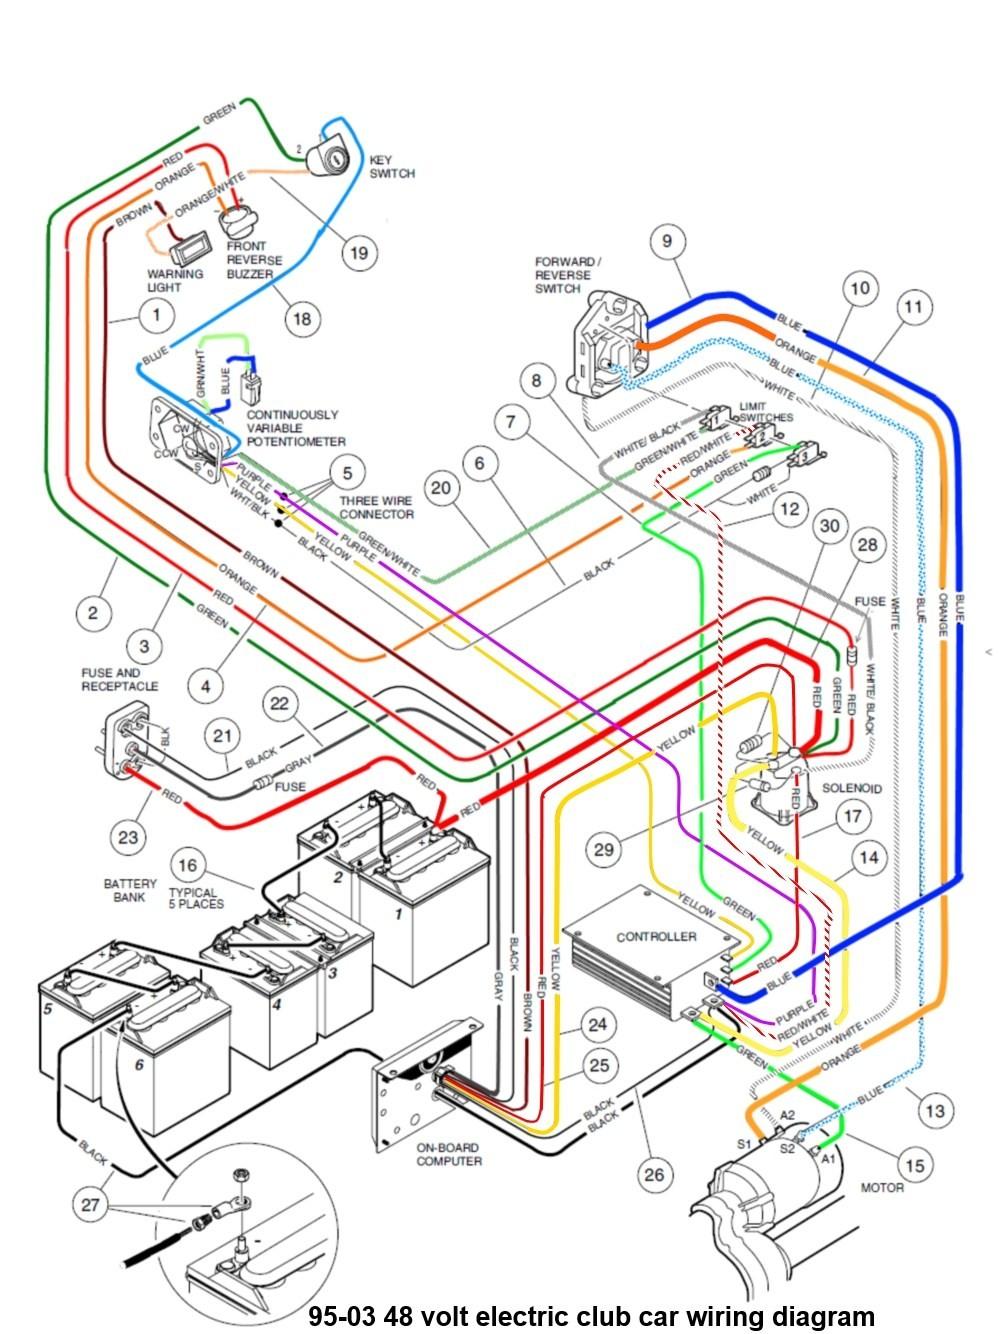 1997 electric club car golf cart wiring diagram Bad Boy Golf Cart Battery Wiring Diagram medium resolution of 94 club car wiring diagram wiring library rh 97 bloxhuette de 48 volt